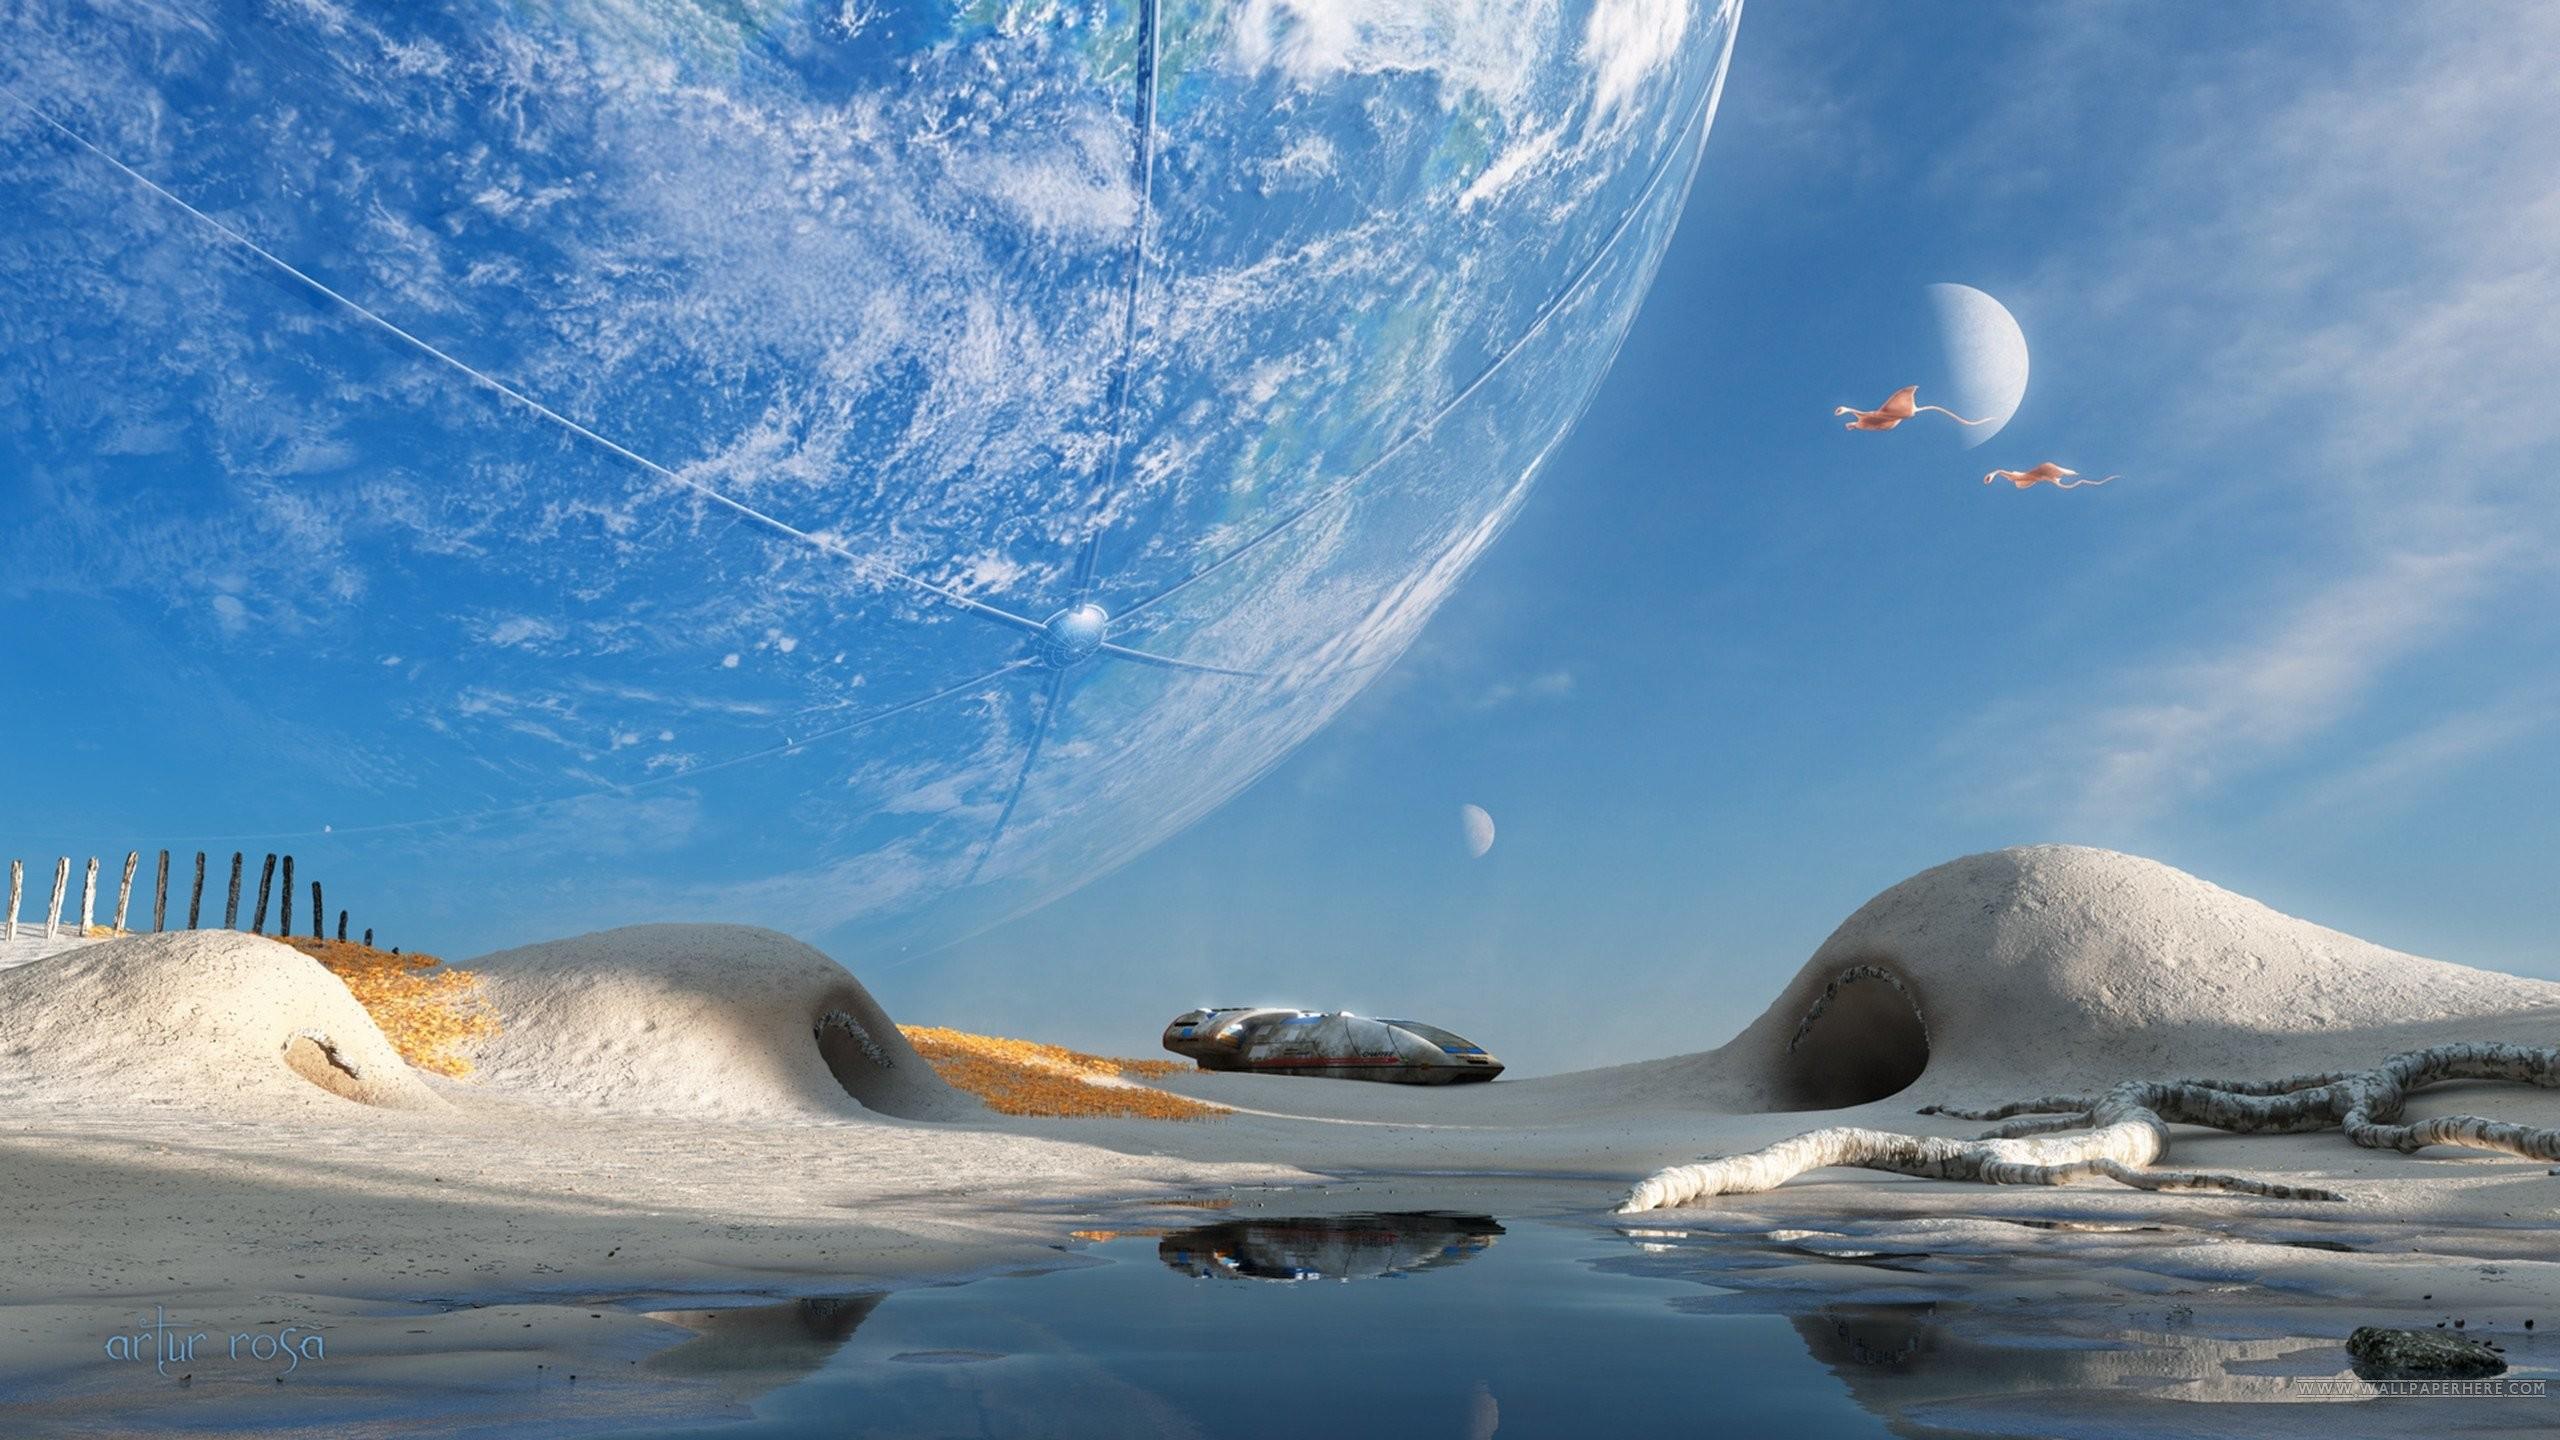 Sci Fi Landscape 733891 …